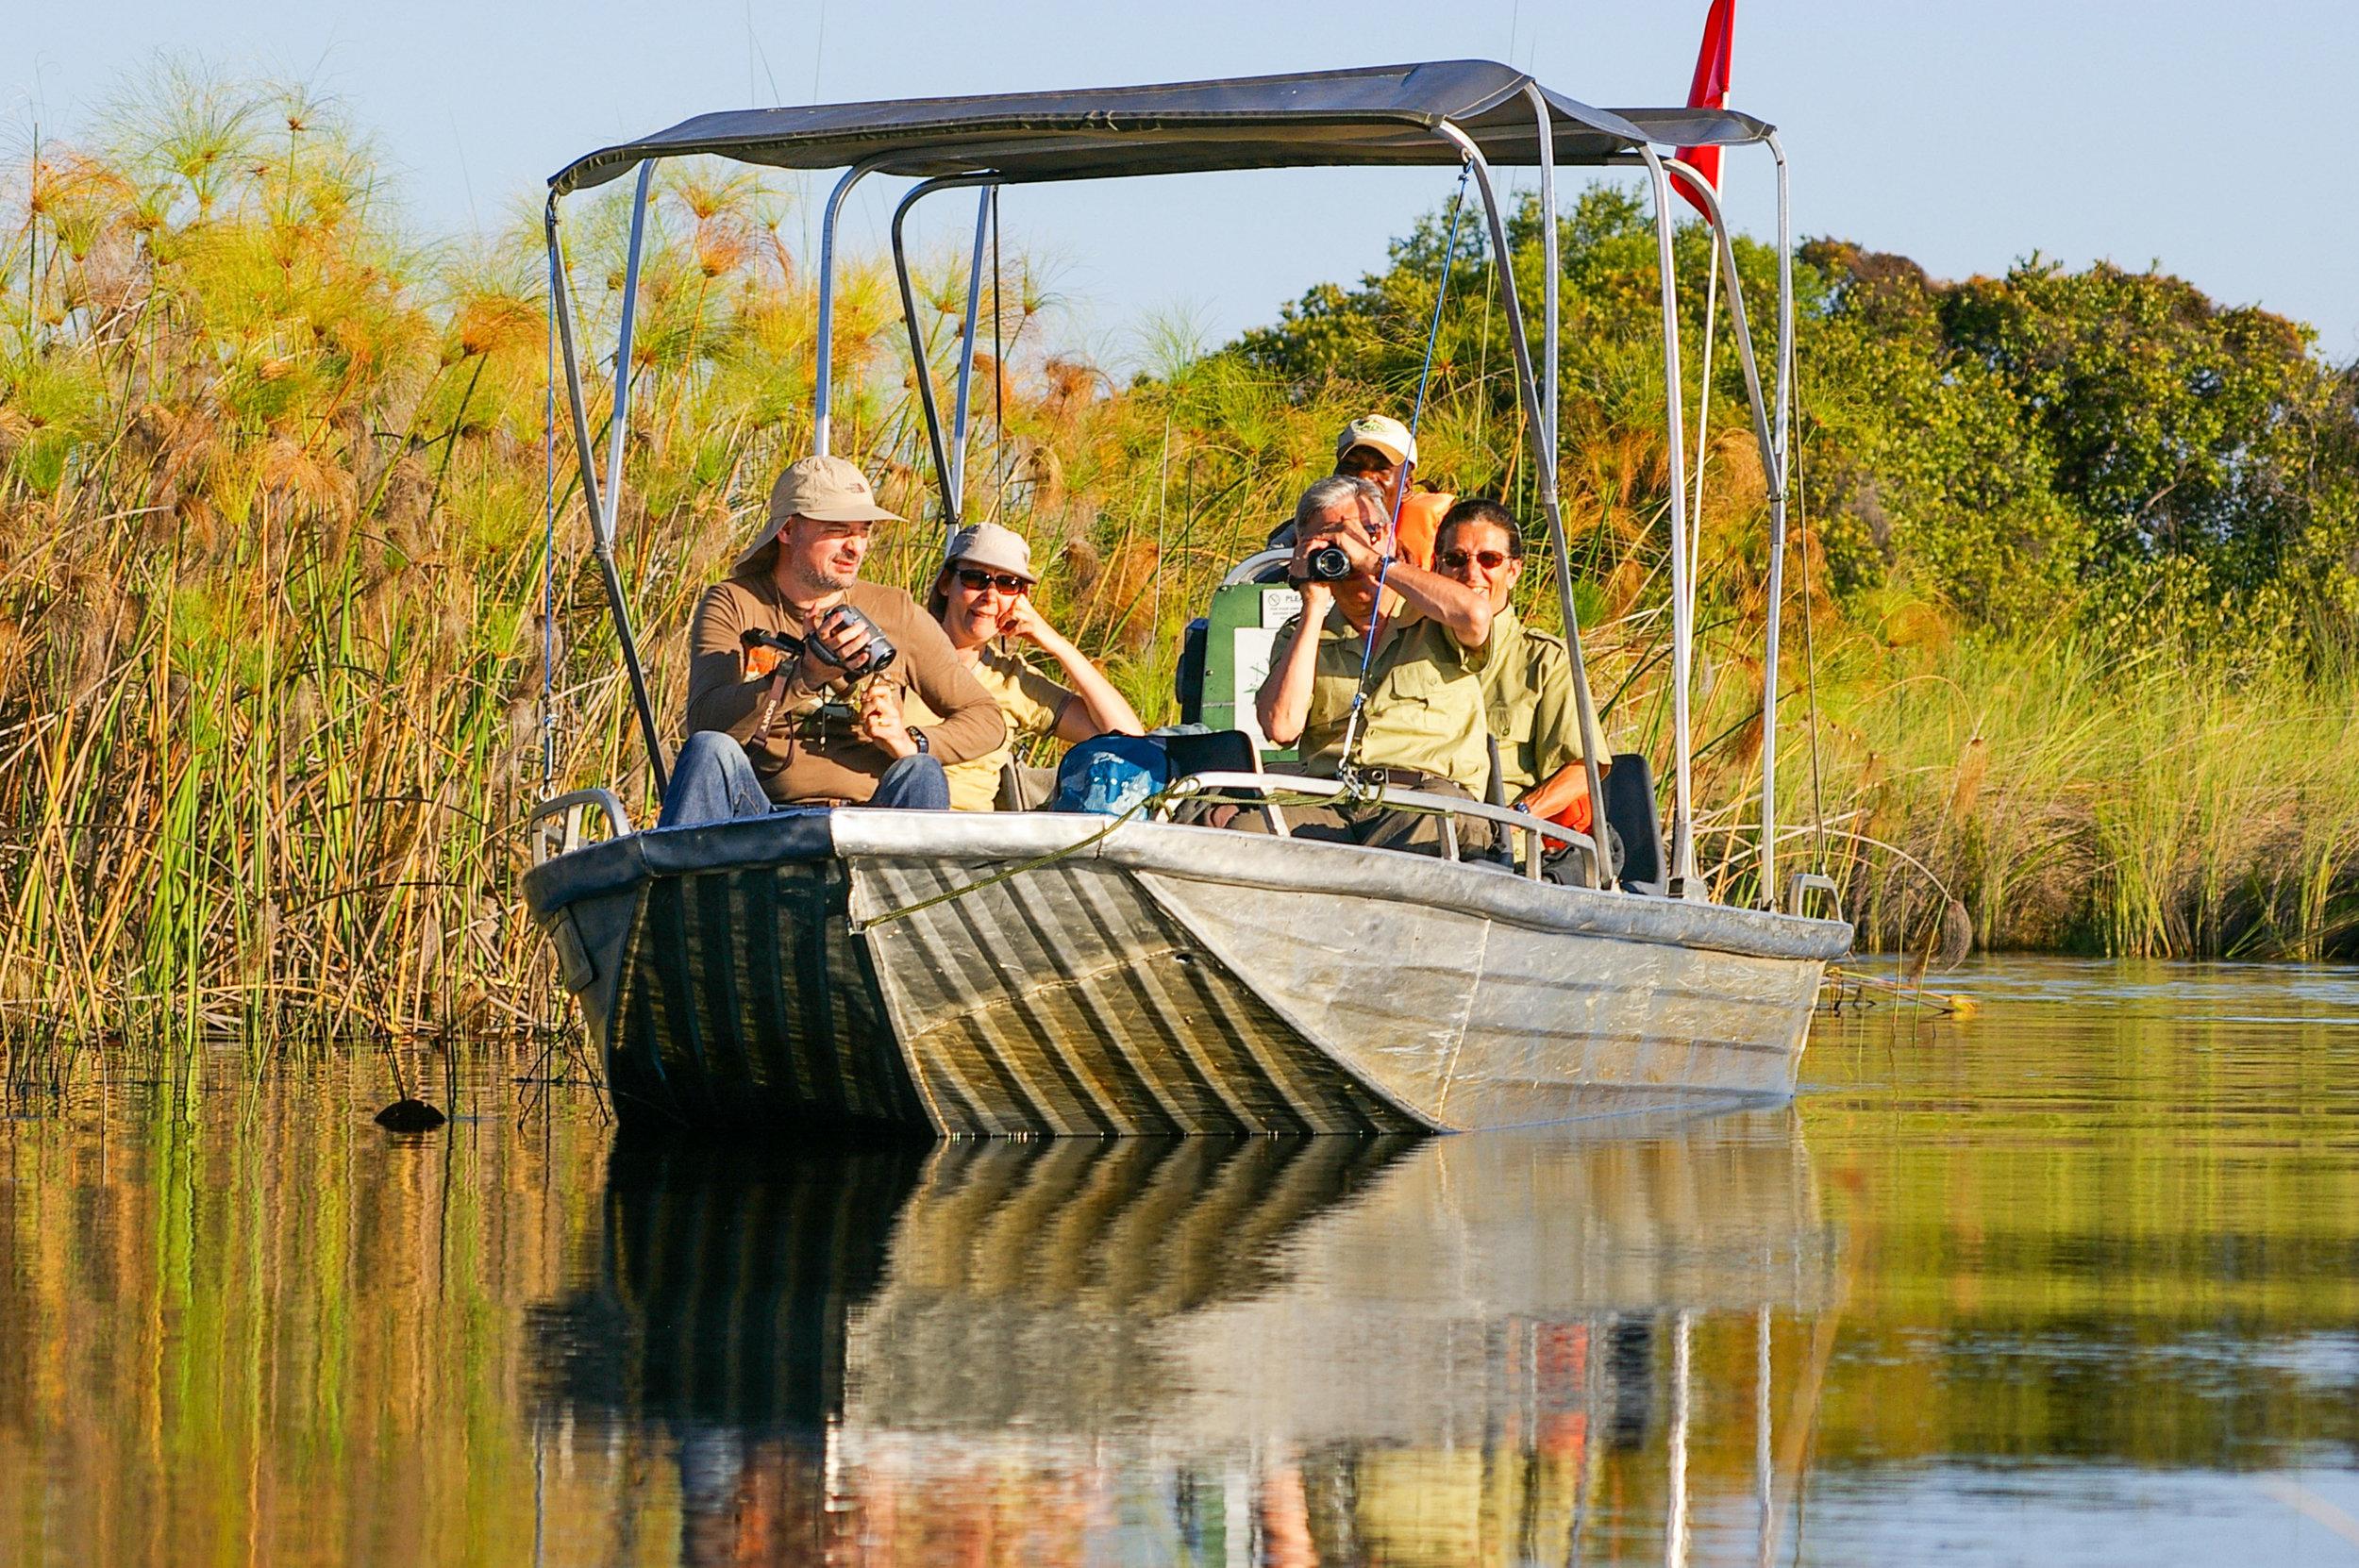 xugana-island-lodge-boating-safari.jpg